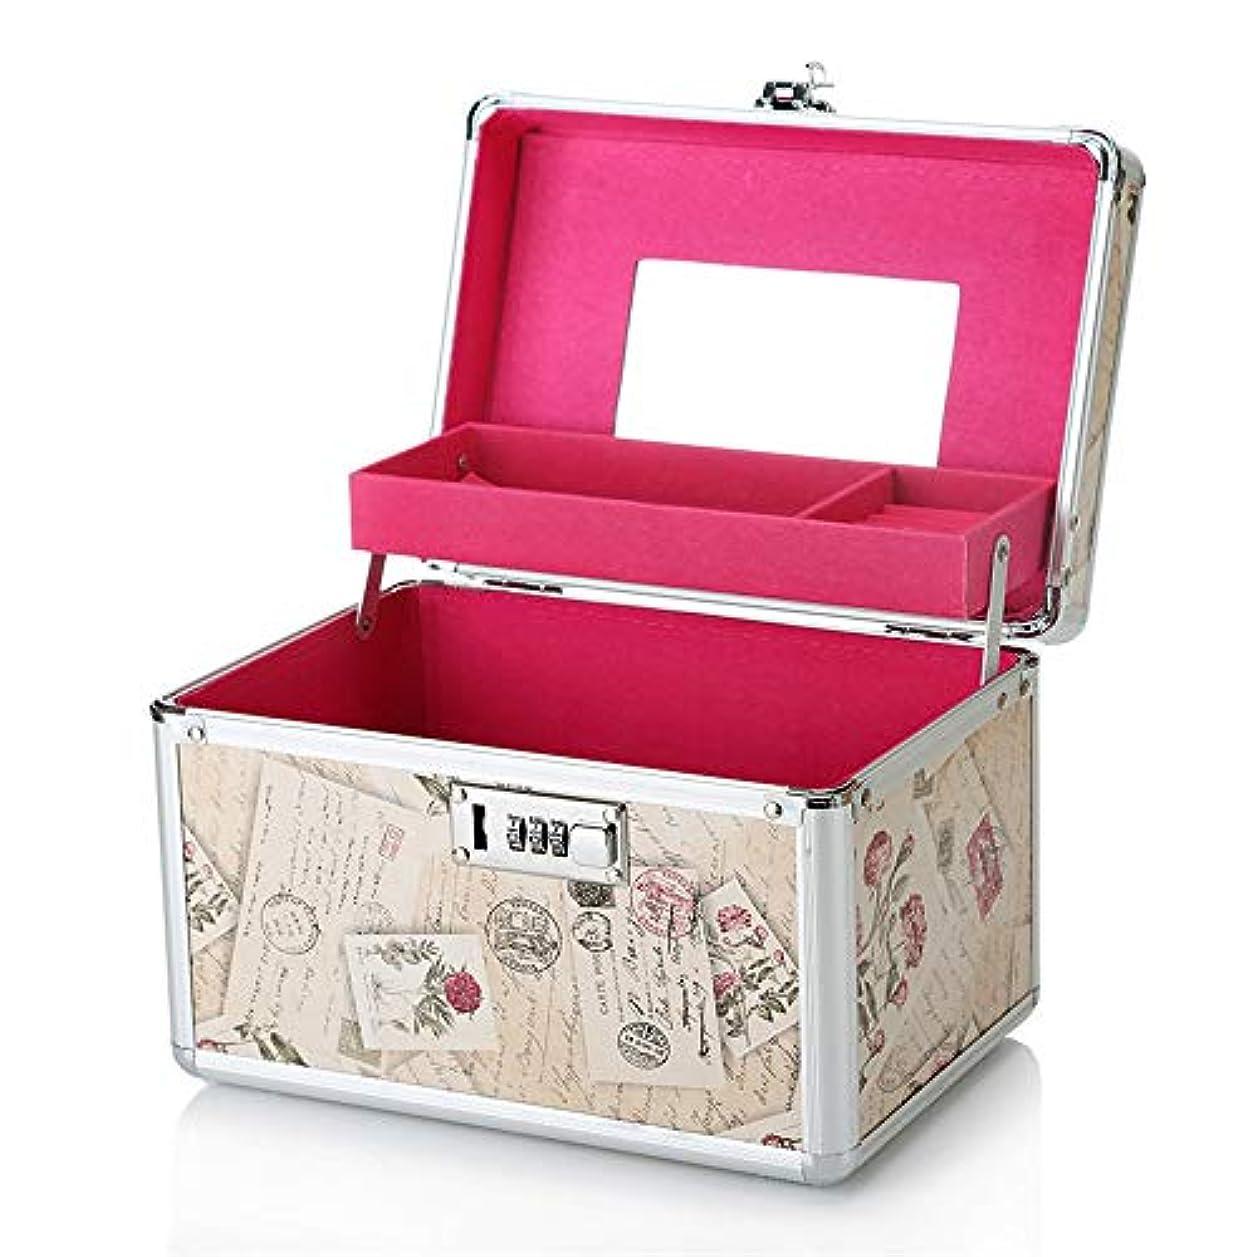 モンク自体宙返り化粧オーガナイザーバッグ 化粧箱バニティロック可能な美容メイクアップネイルジュエリーポータブルケース収納ボックス 化粧品ケース